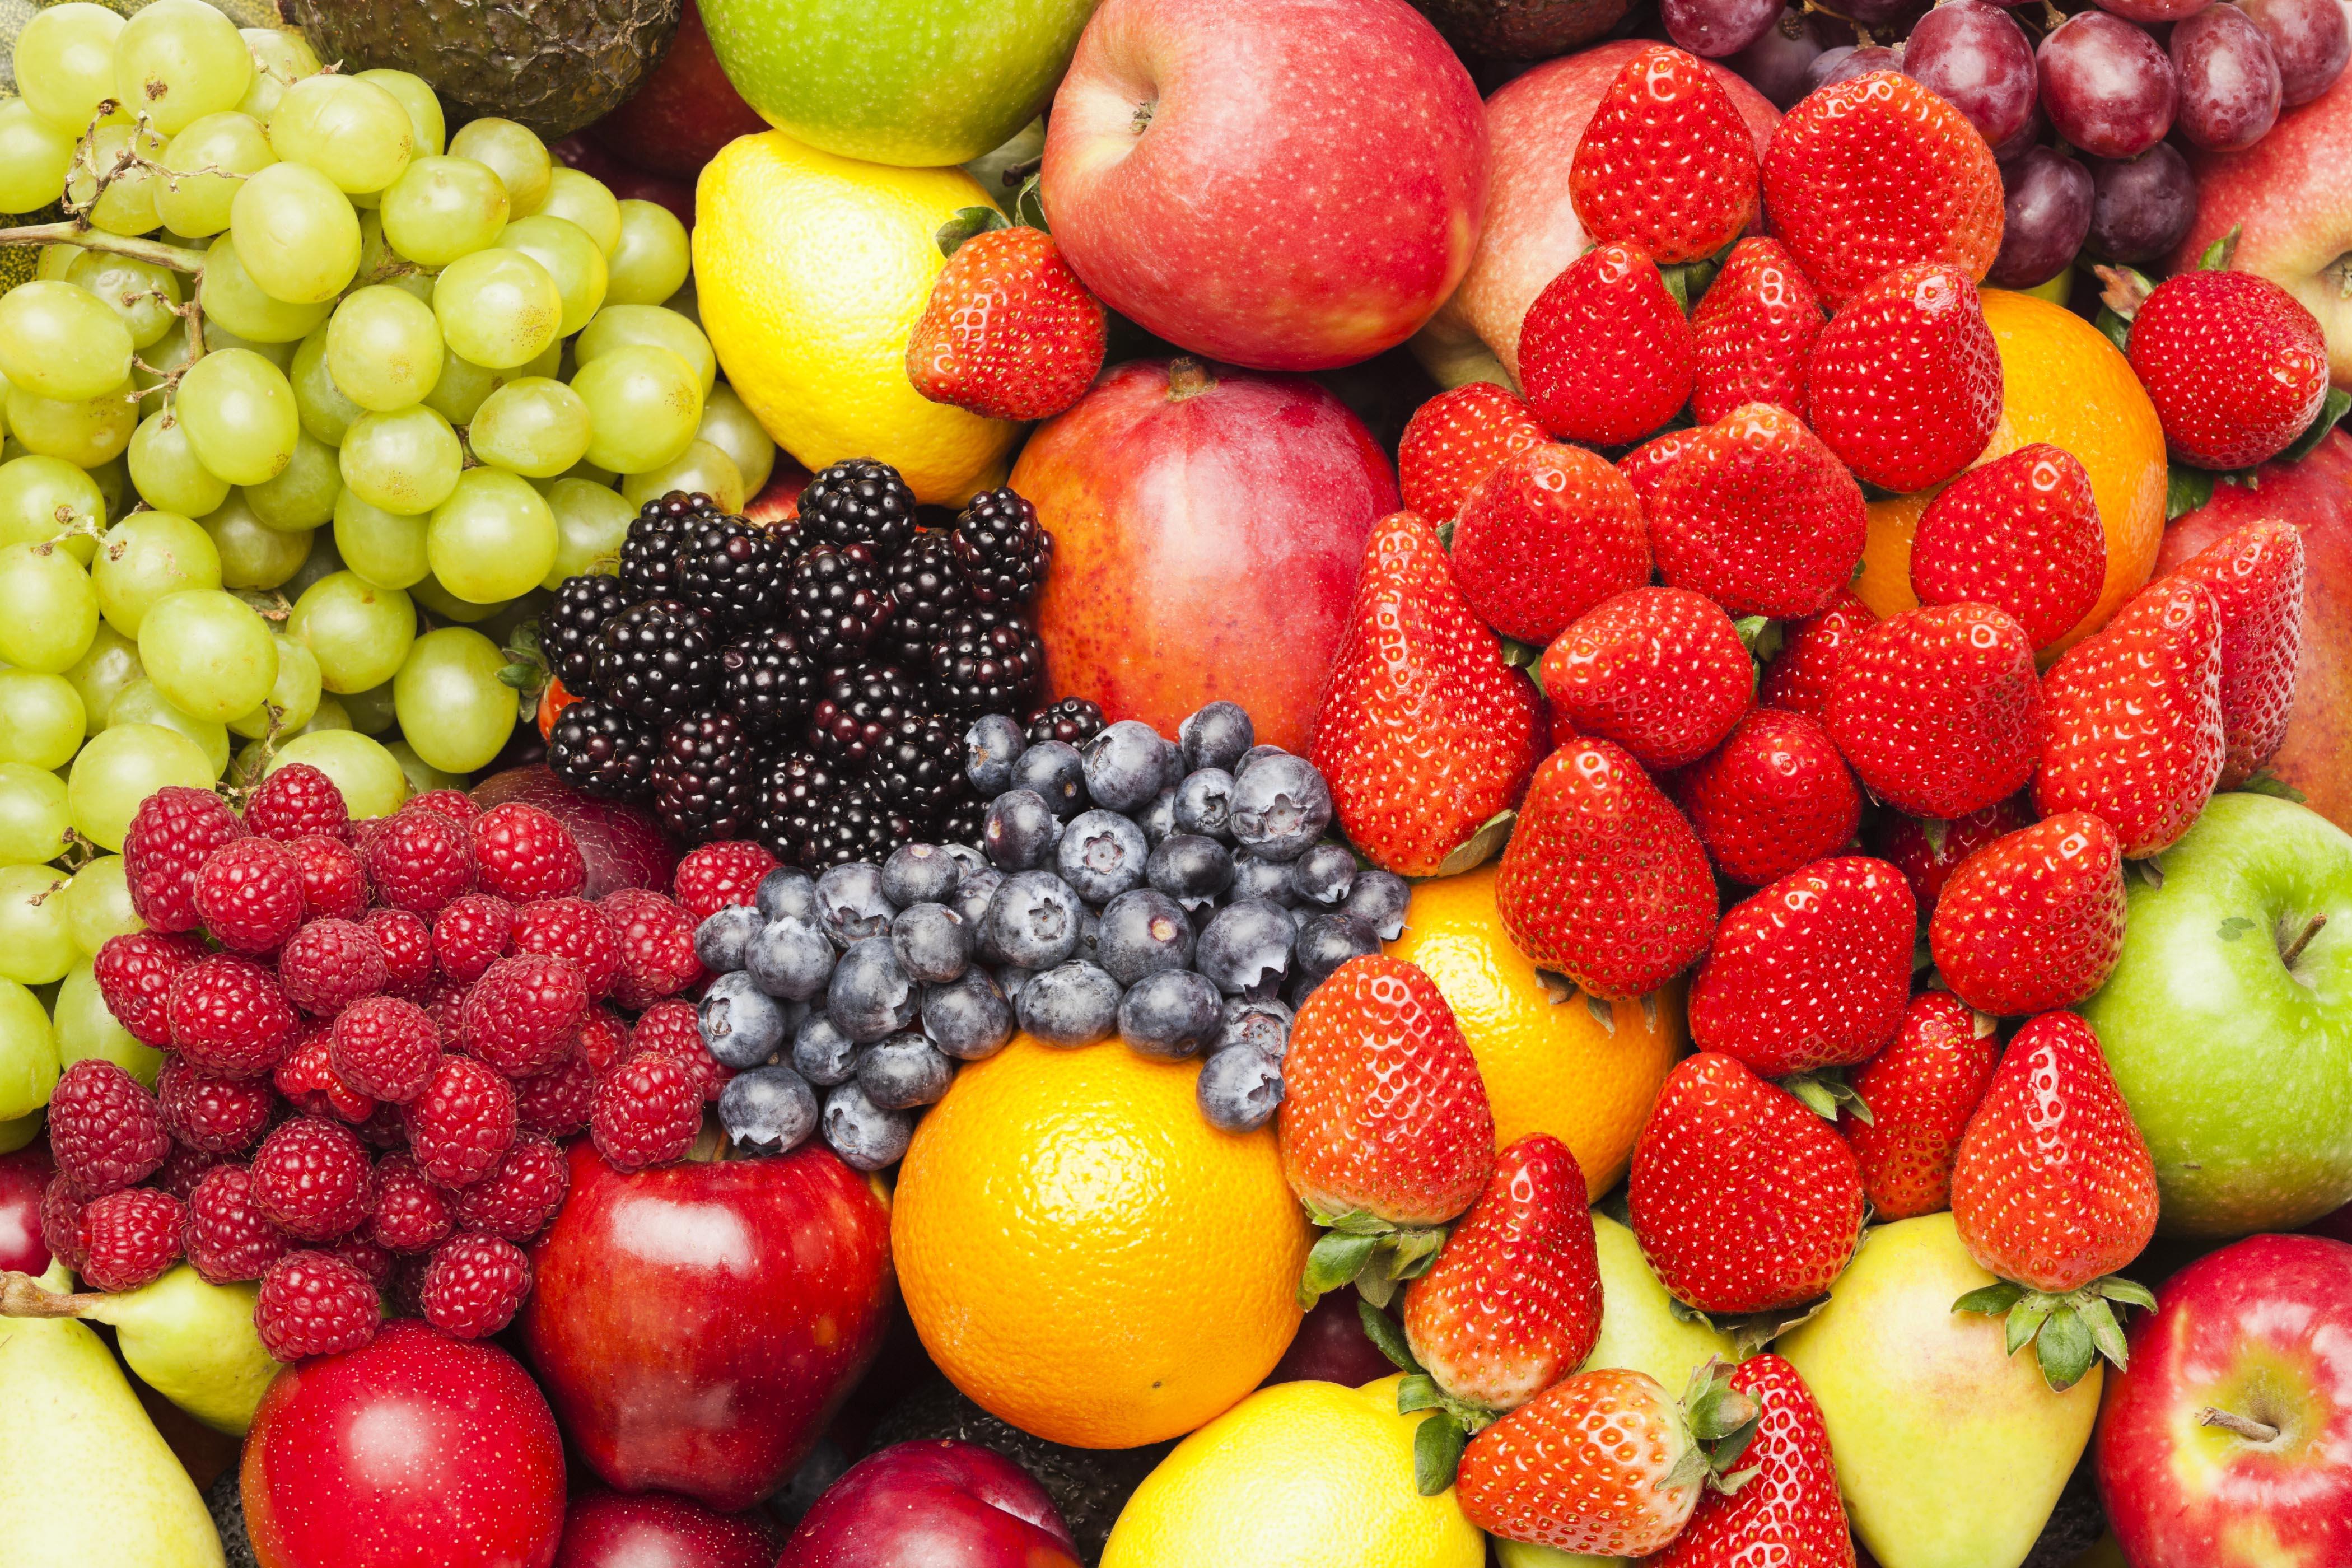 Heap of fruits